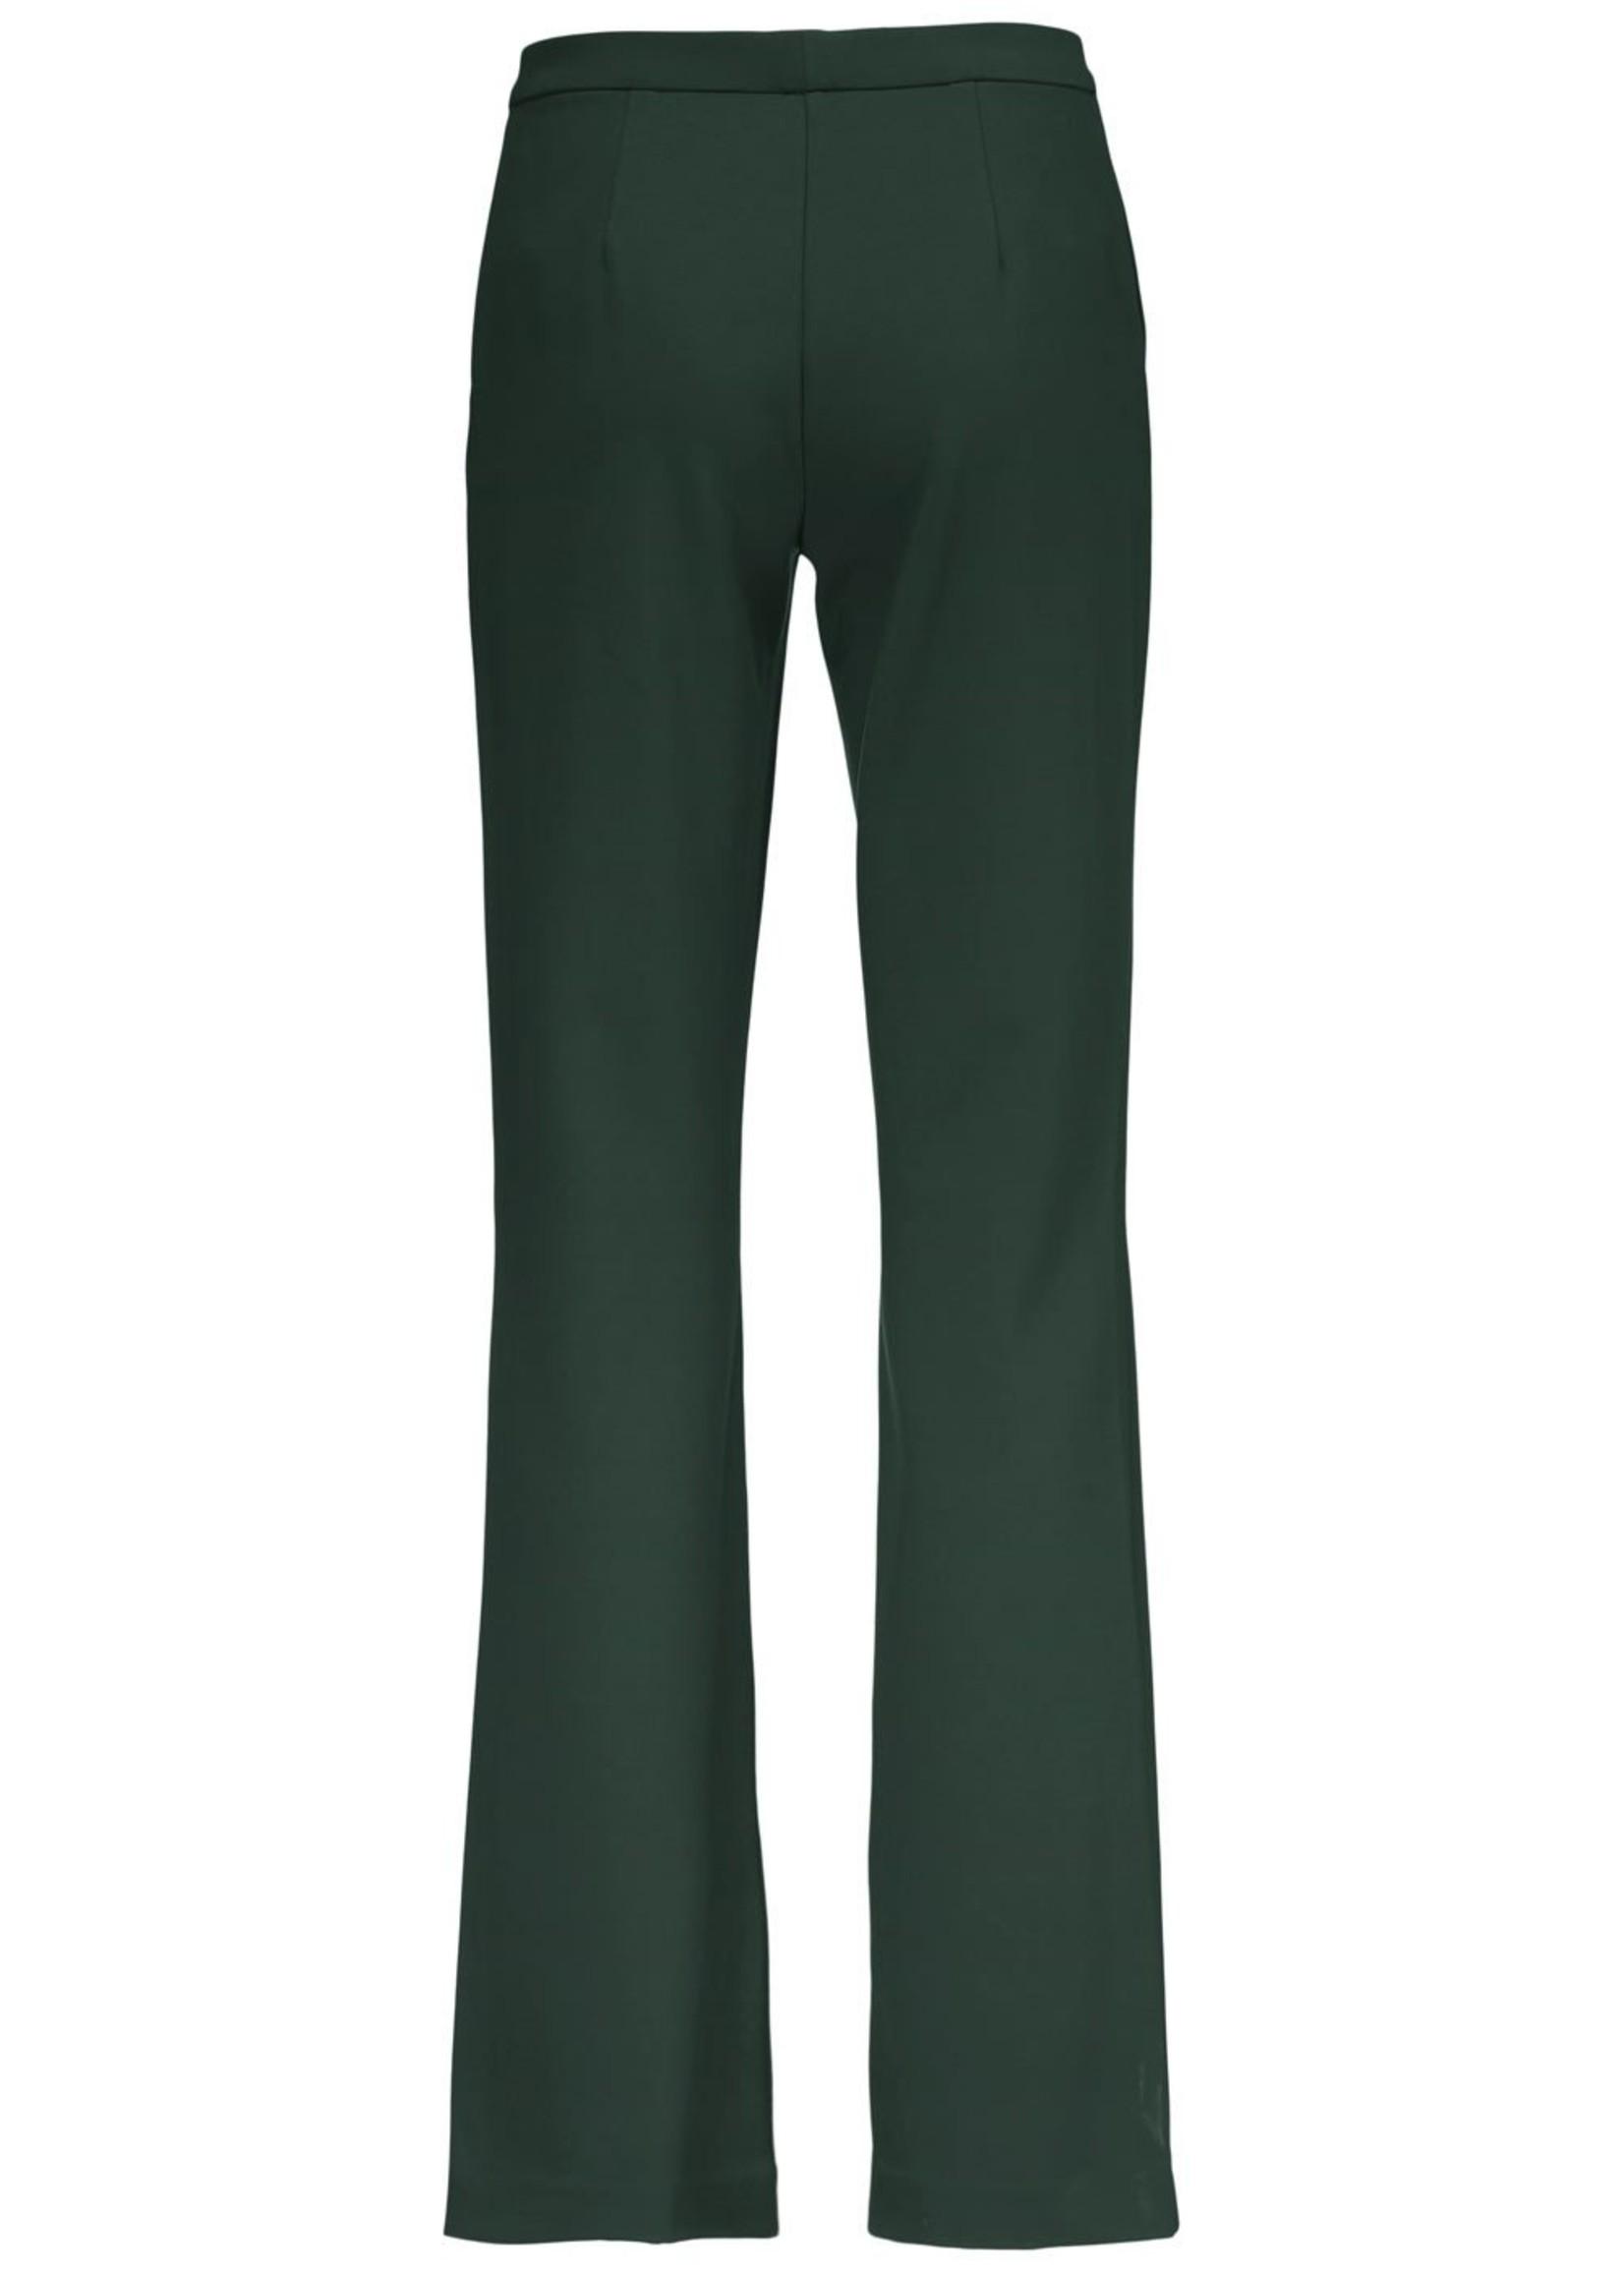 Modström Tanny Flare Pants